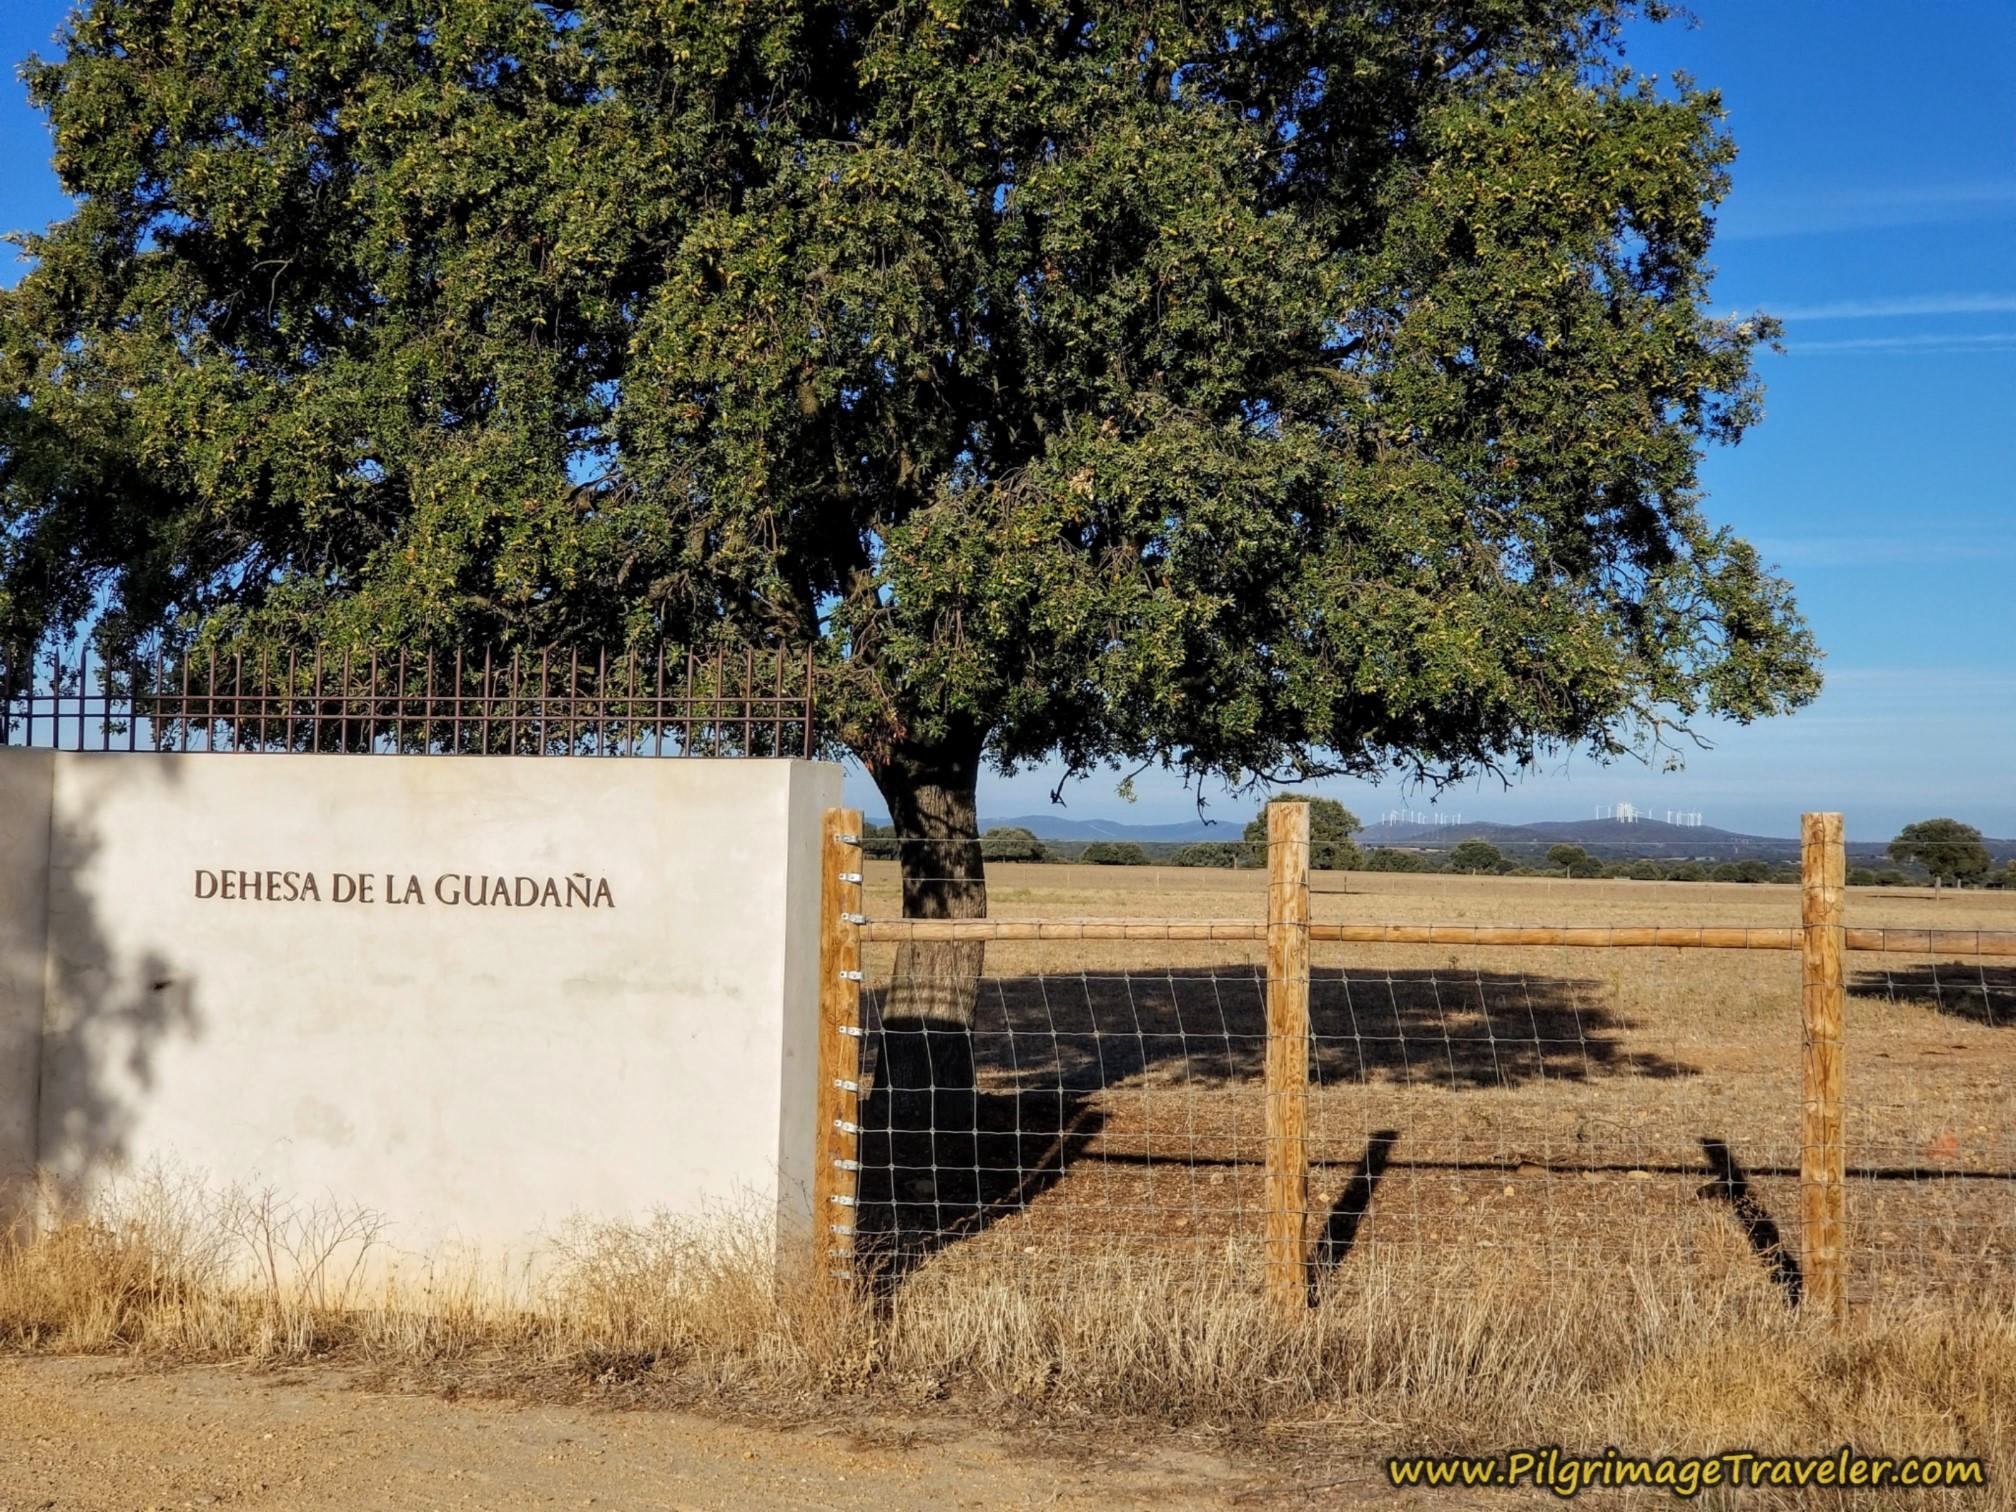 Walk by the Dehesa de la Guadaña Sign